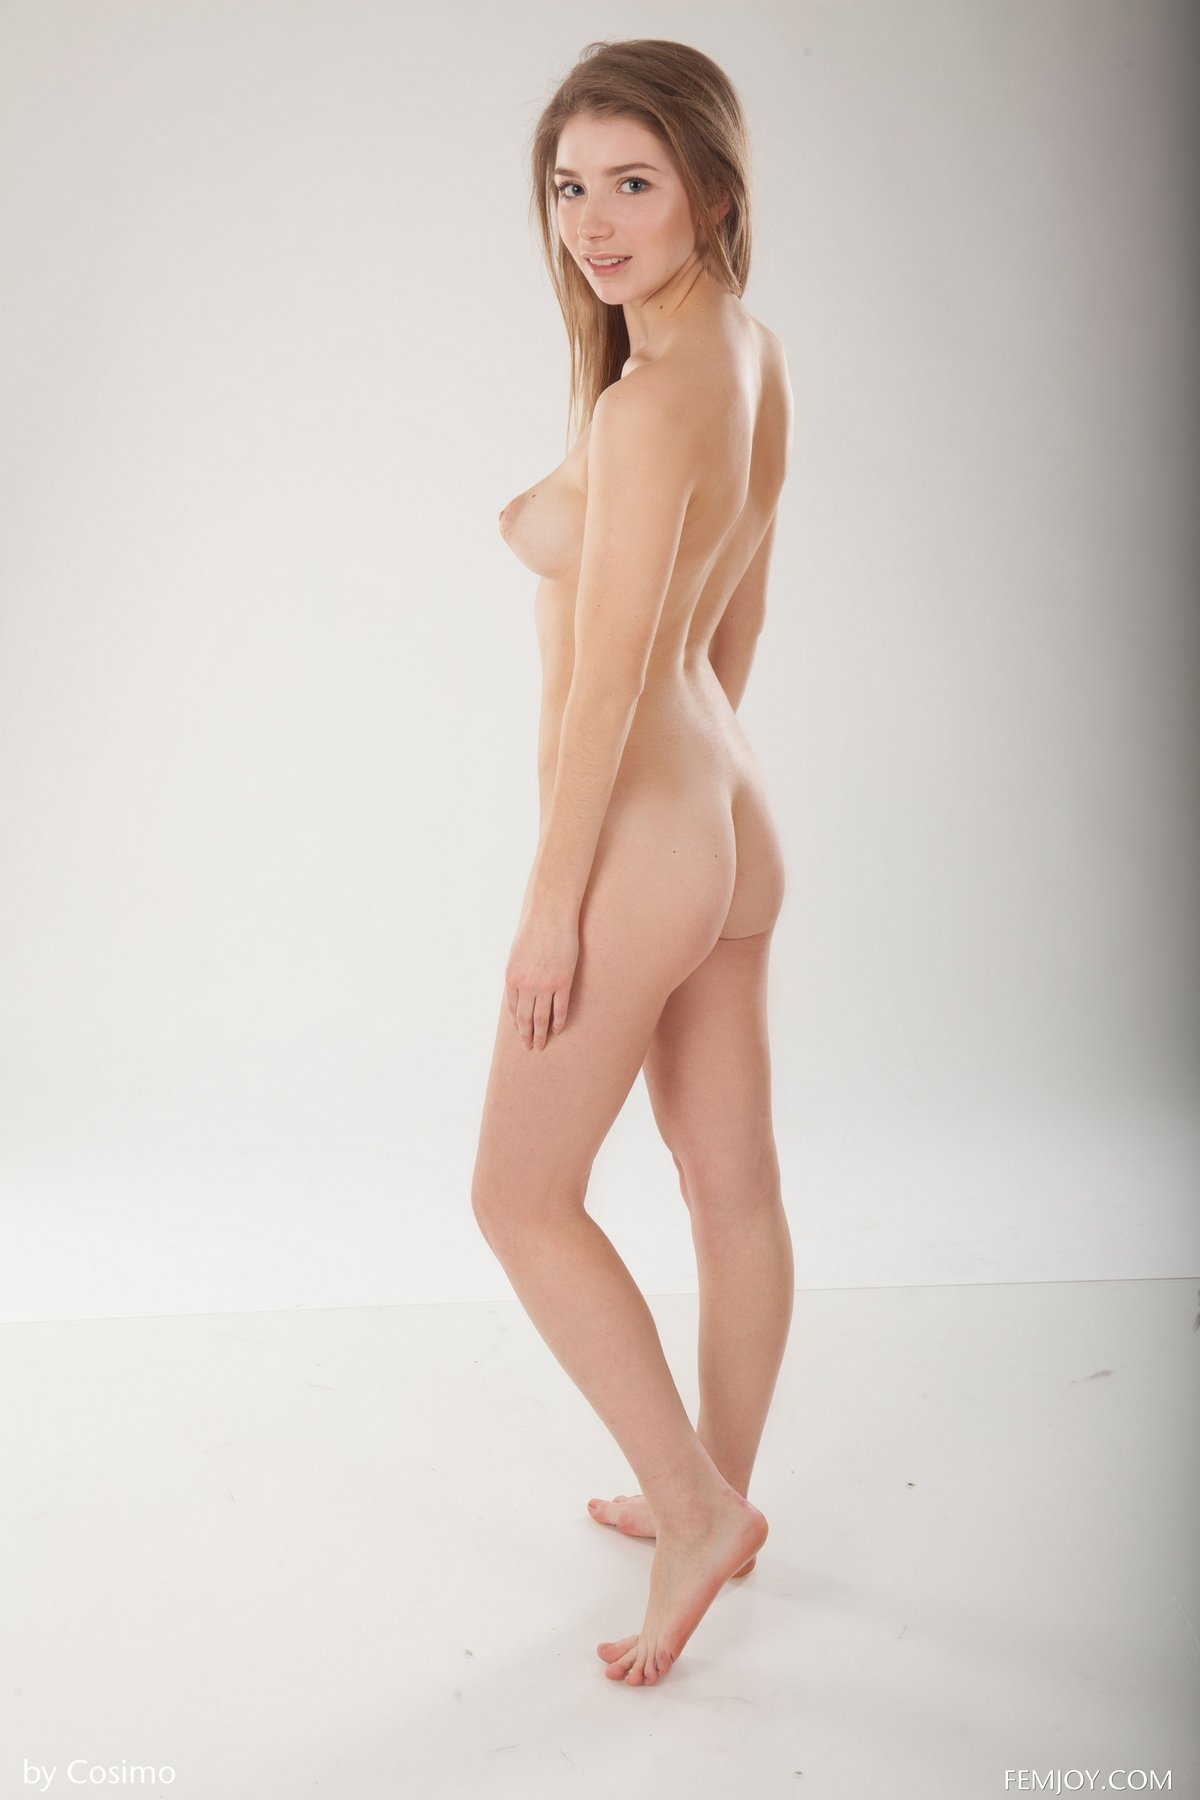 Светловолосая девушка Verona голая перед камерой